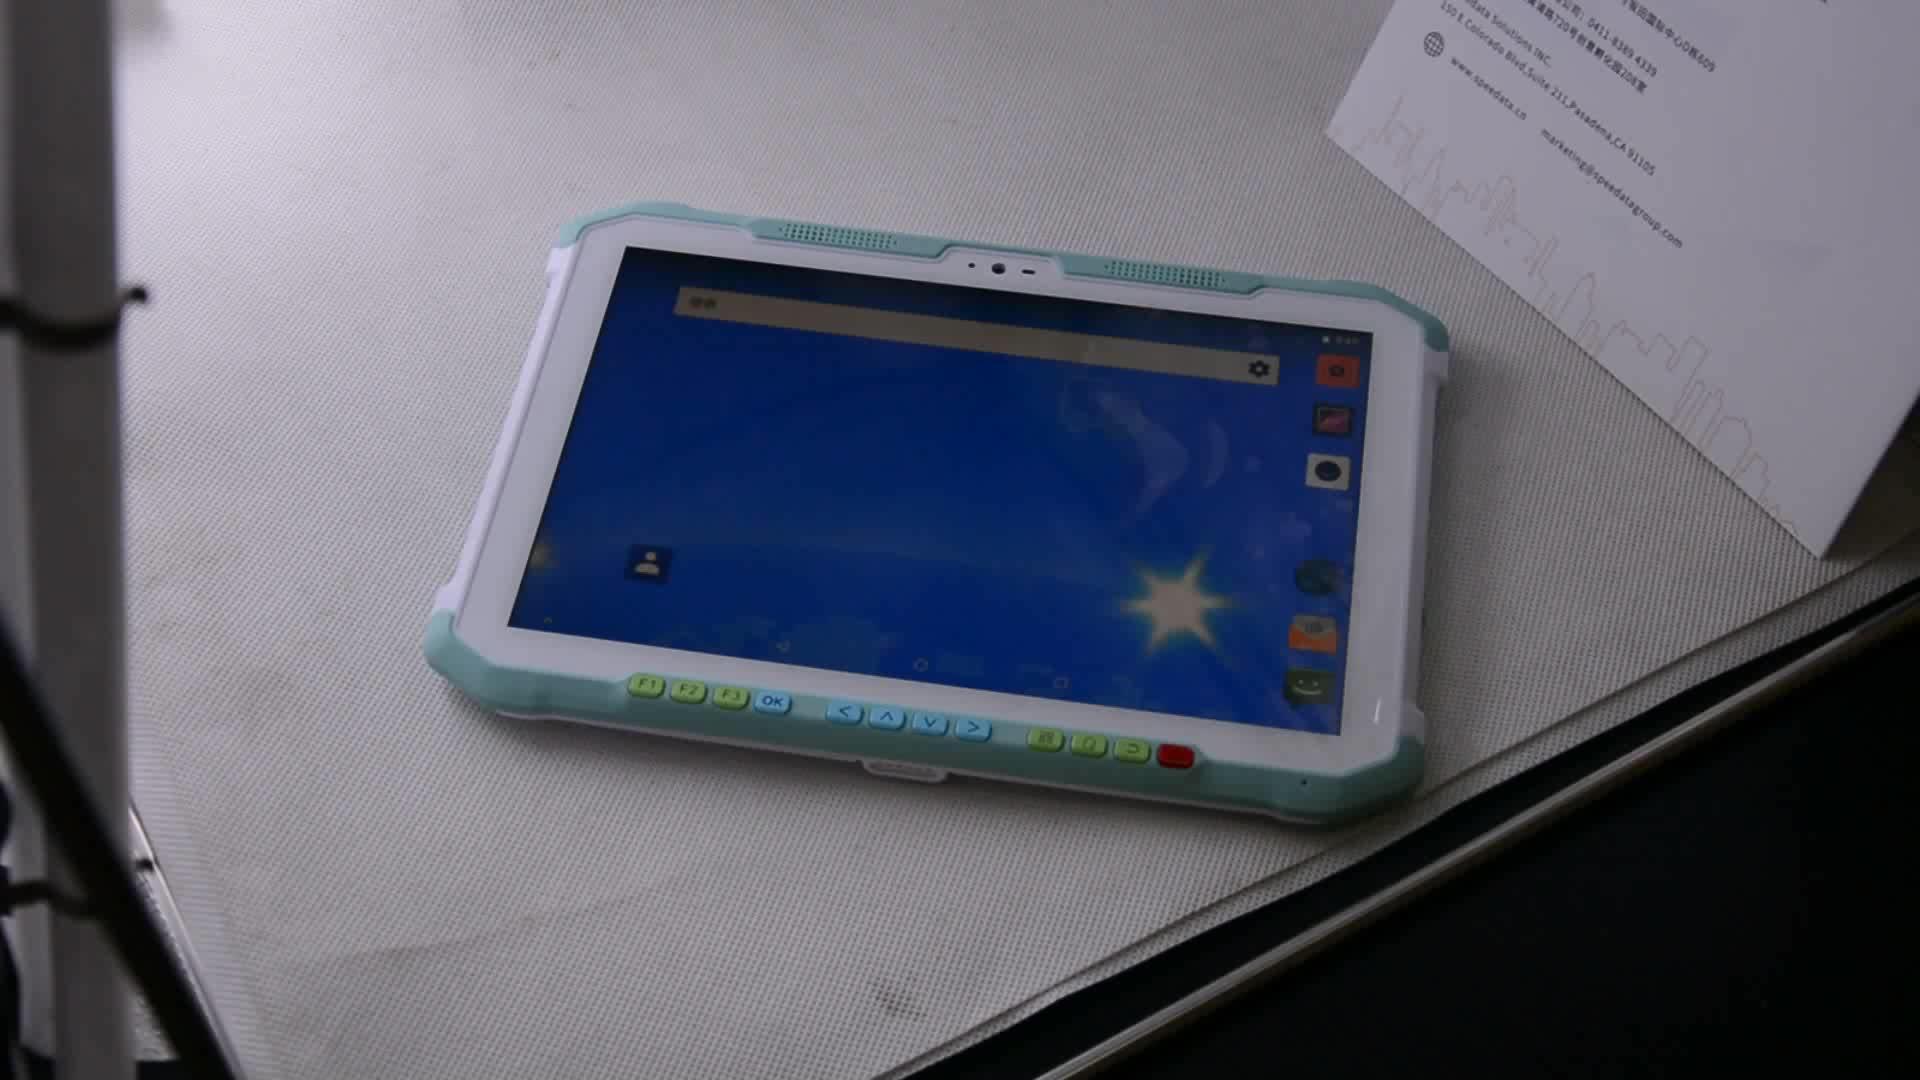 Android y tế máy tính bảng máy quét mã vạch cầm tay uhf rfid reader tablet PC 1d 2d máy quét